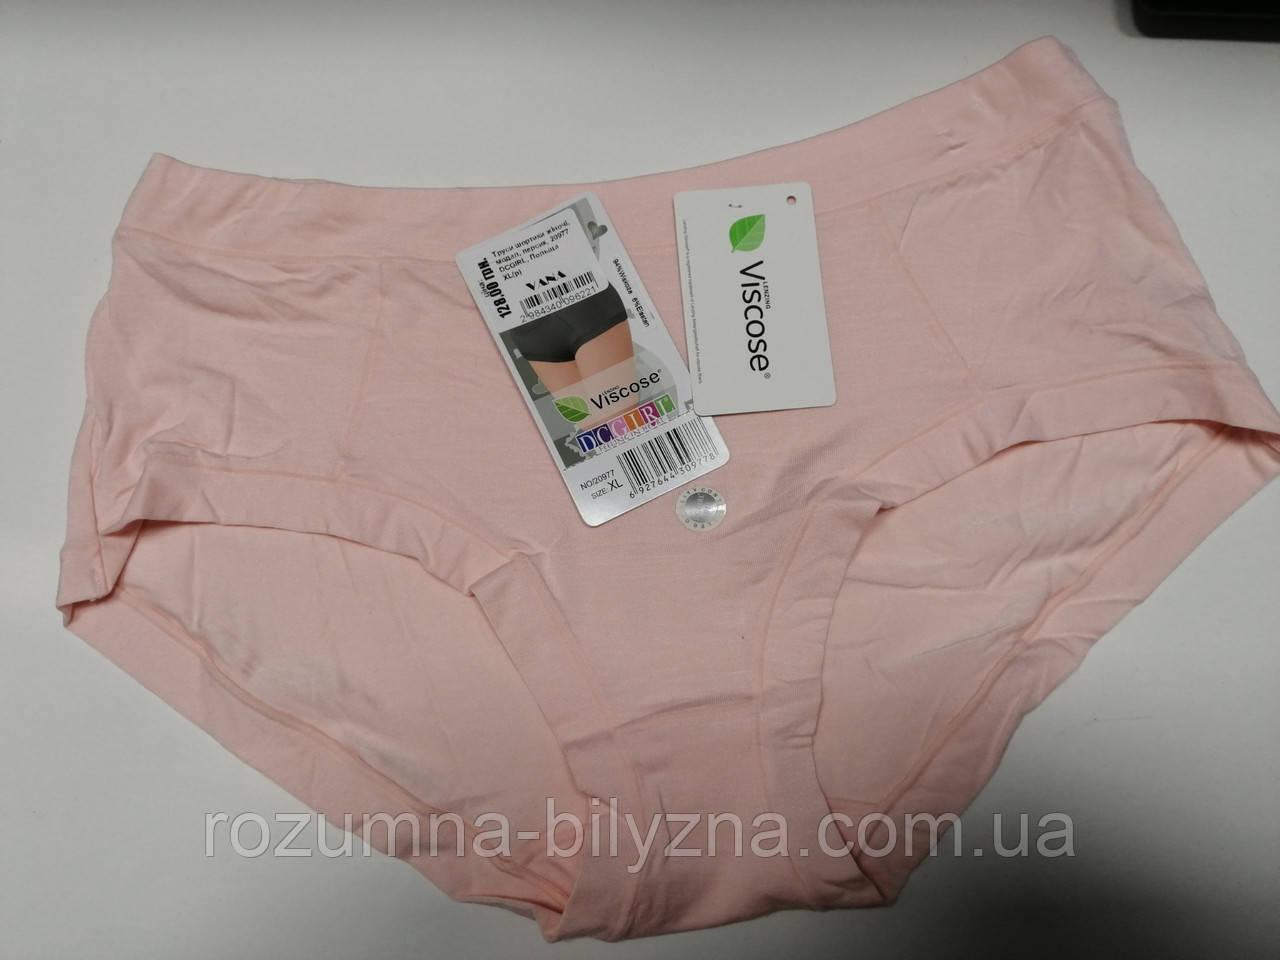 Труси жіночі шорти, viscose, персик ТМ DCGRL, Польша L